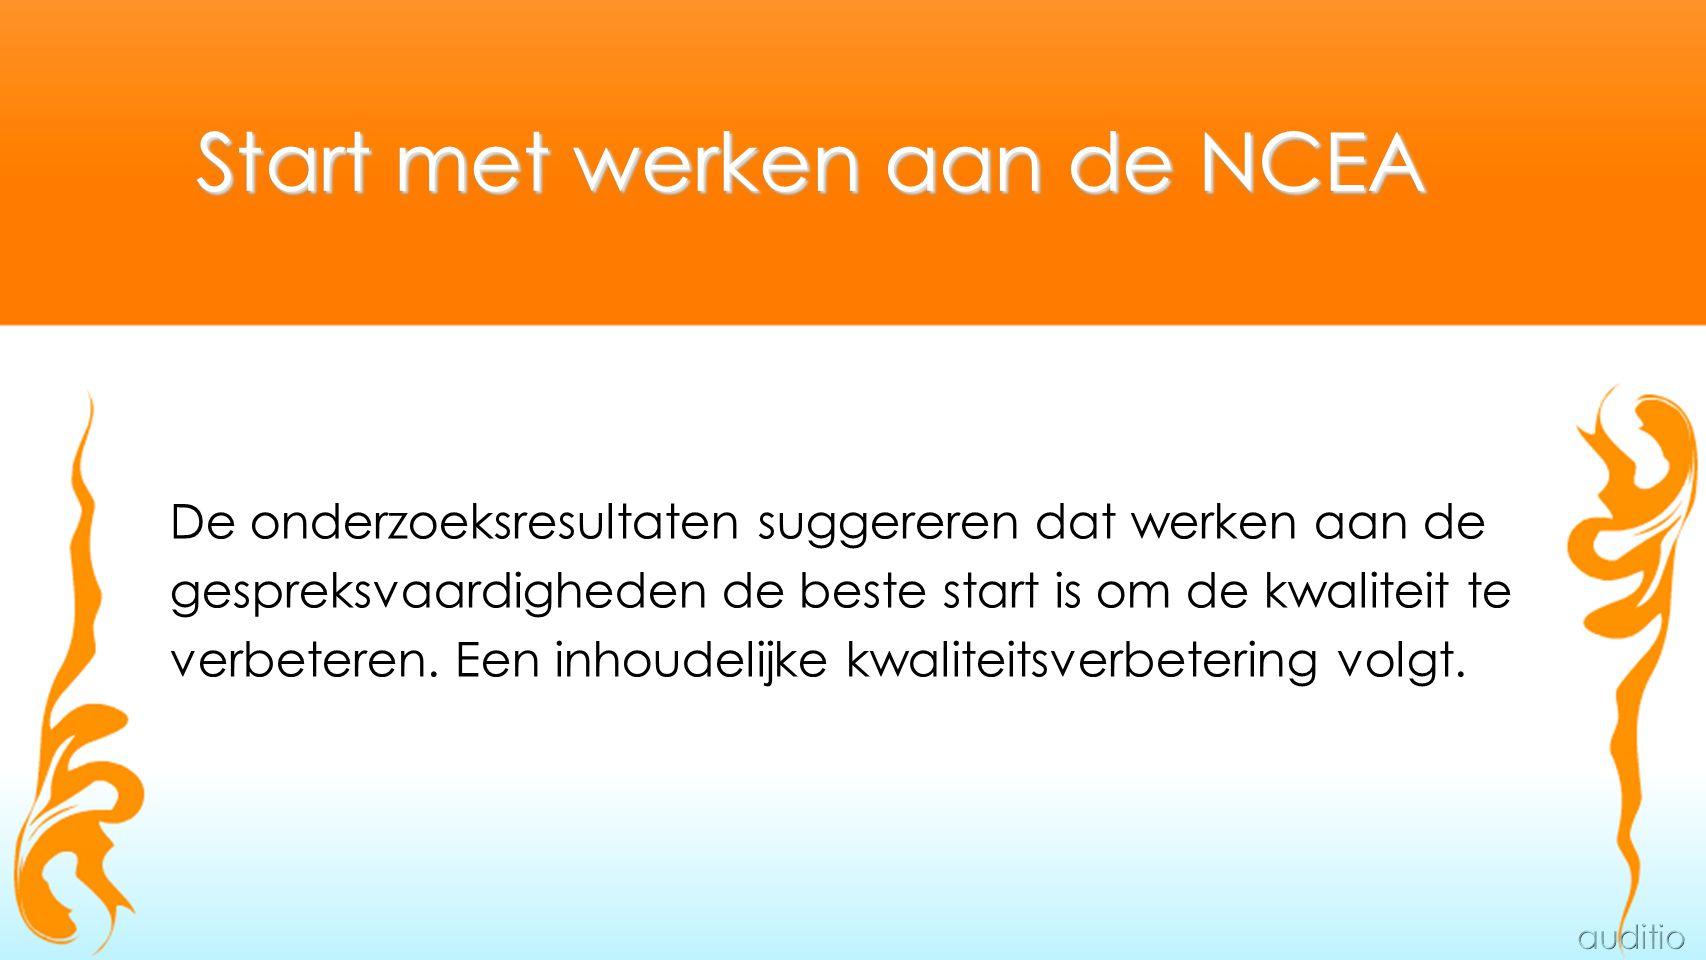 Start met werken aan de NCEA